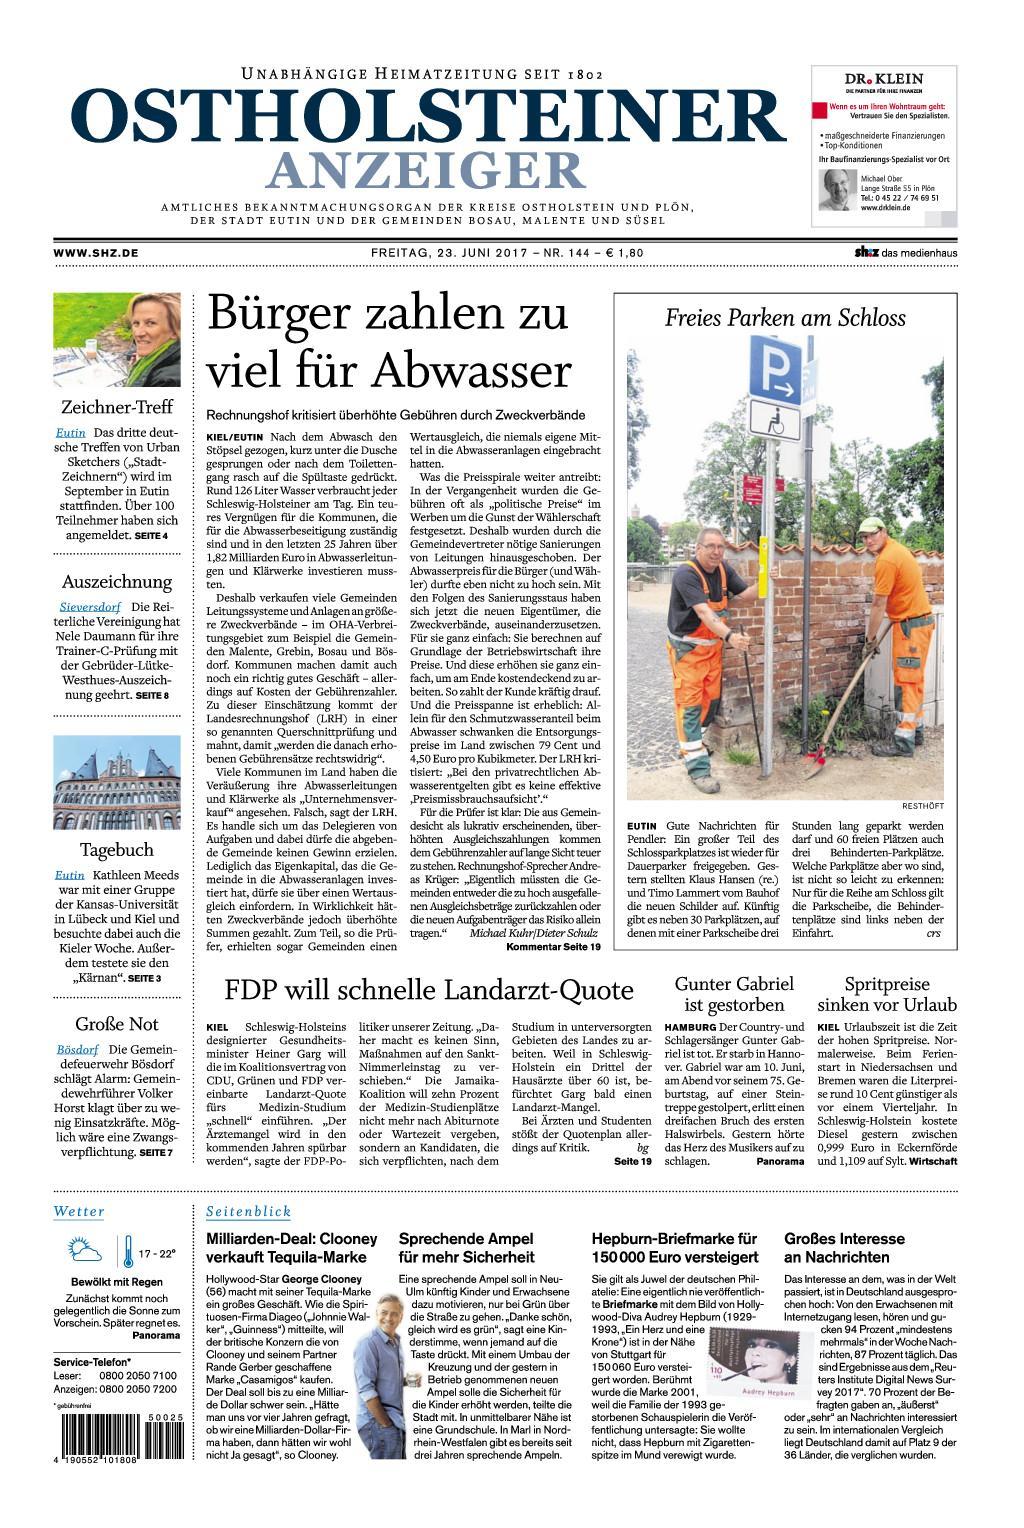 Ostholsteiner Anzeiger 23 Juni 2017